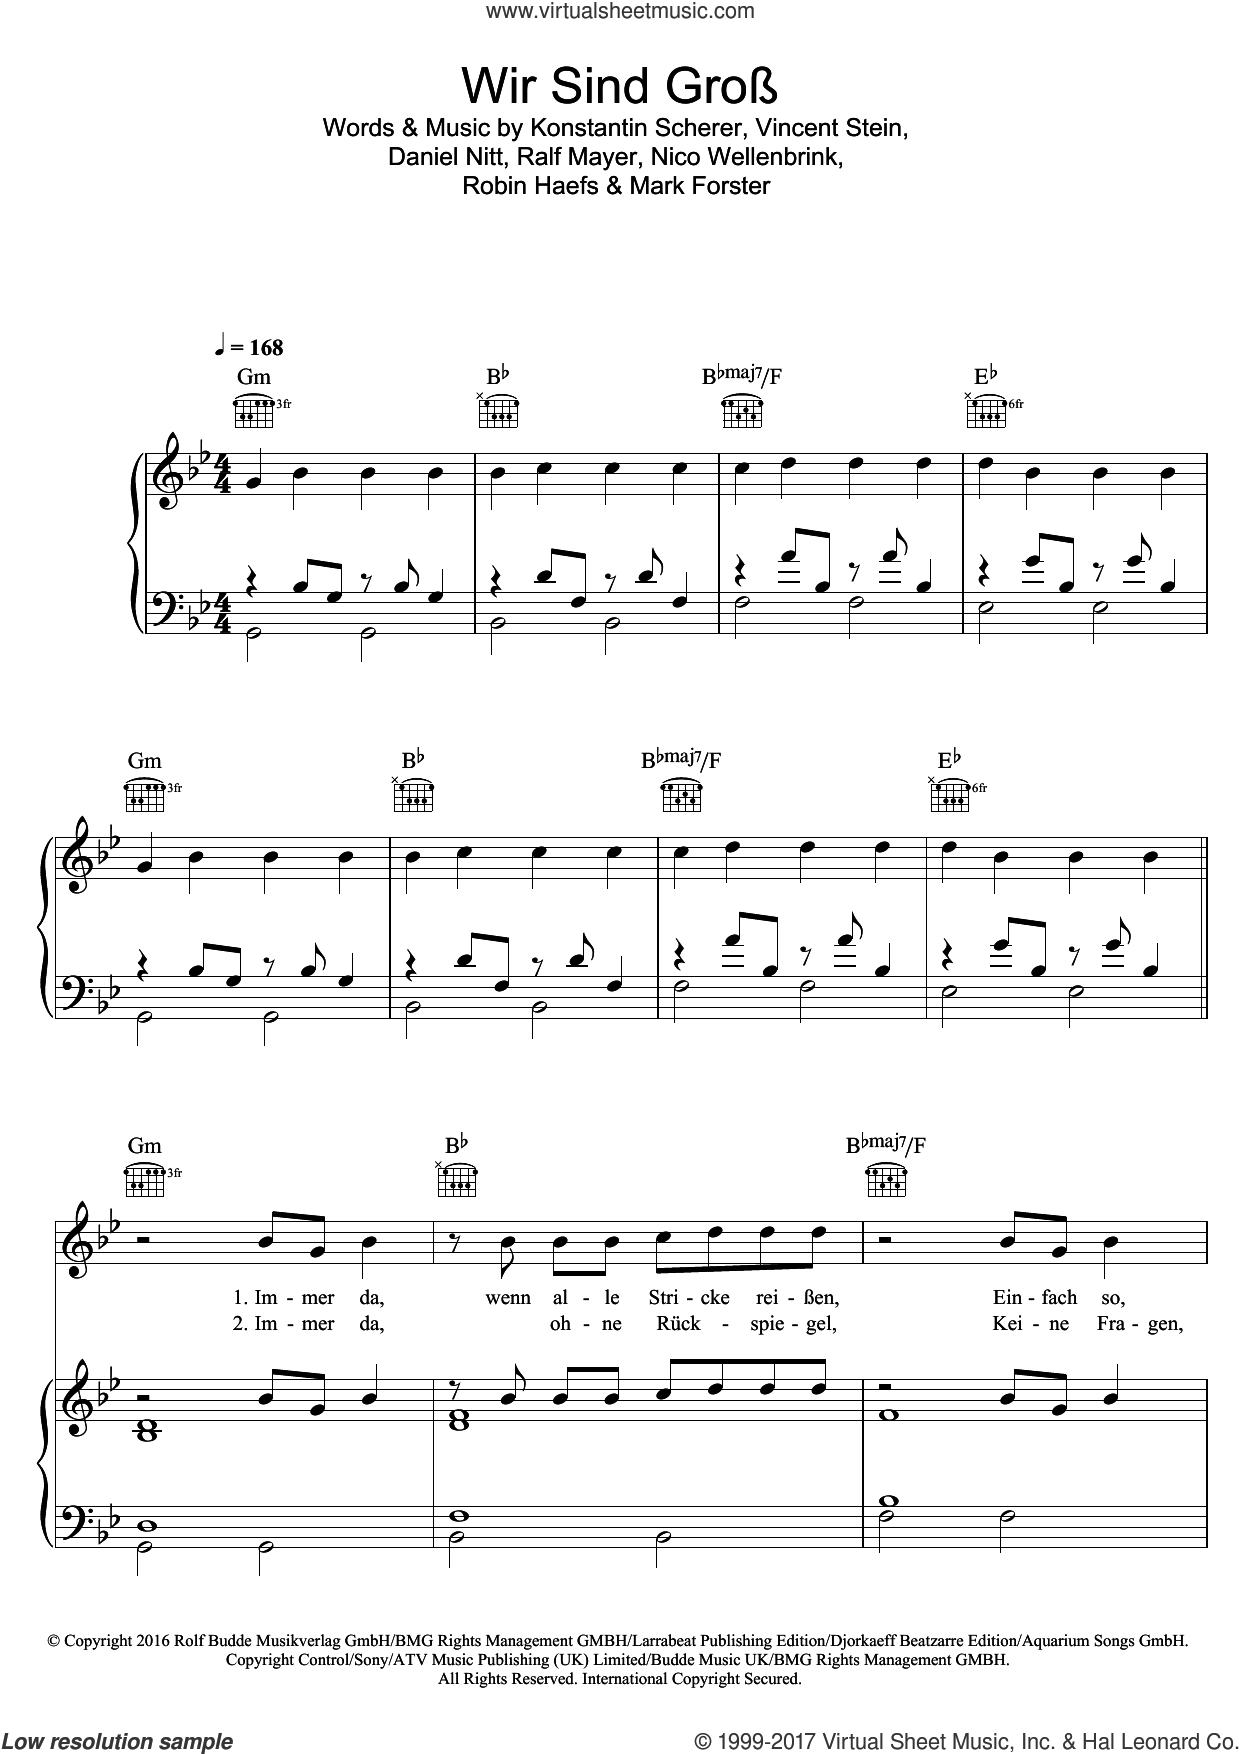 Wir Sind Gross sheet music for voice, piano or guitar by Mark Forster, Daniel Nitt, Konstantin Scherer, Nico Wellenbrink, Ralf Mayer, Robin Haefs and Vincent Stein, intermediate skill level